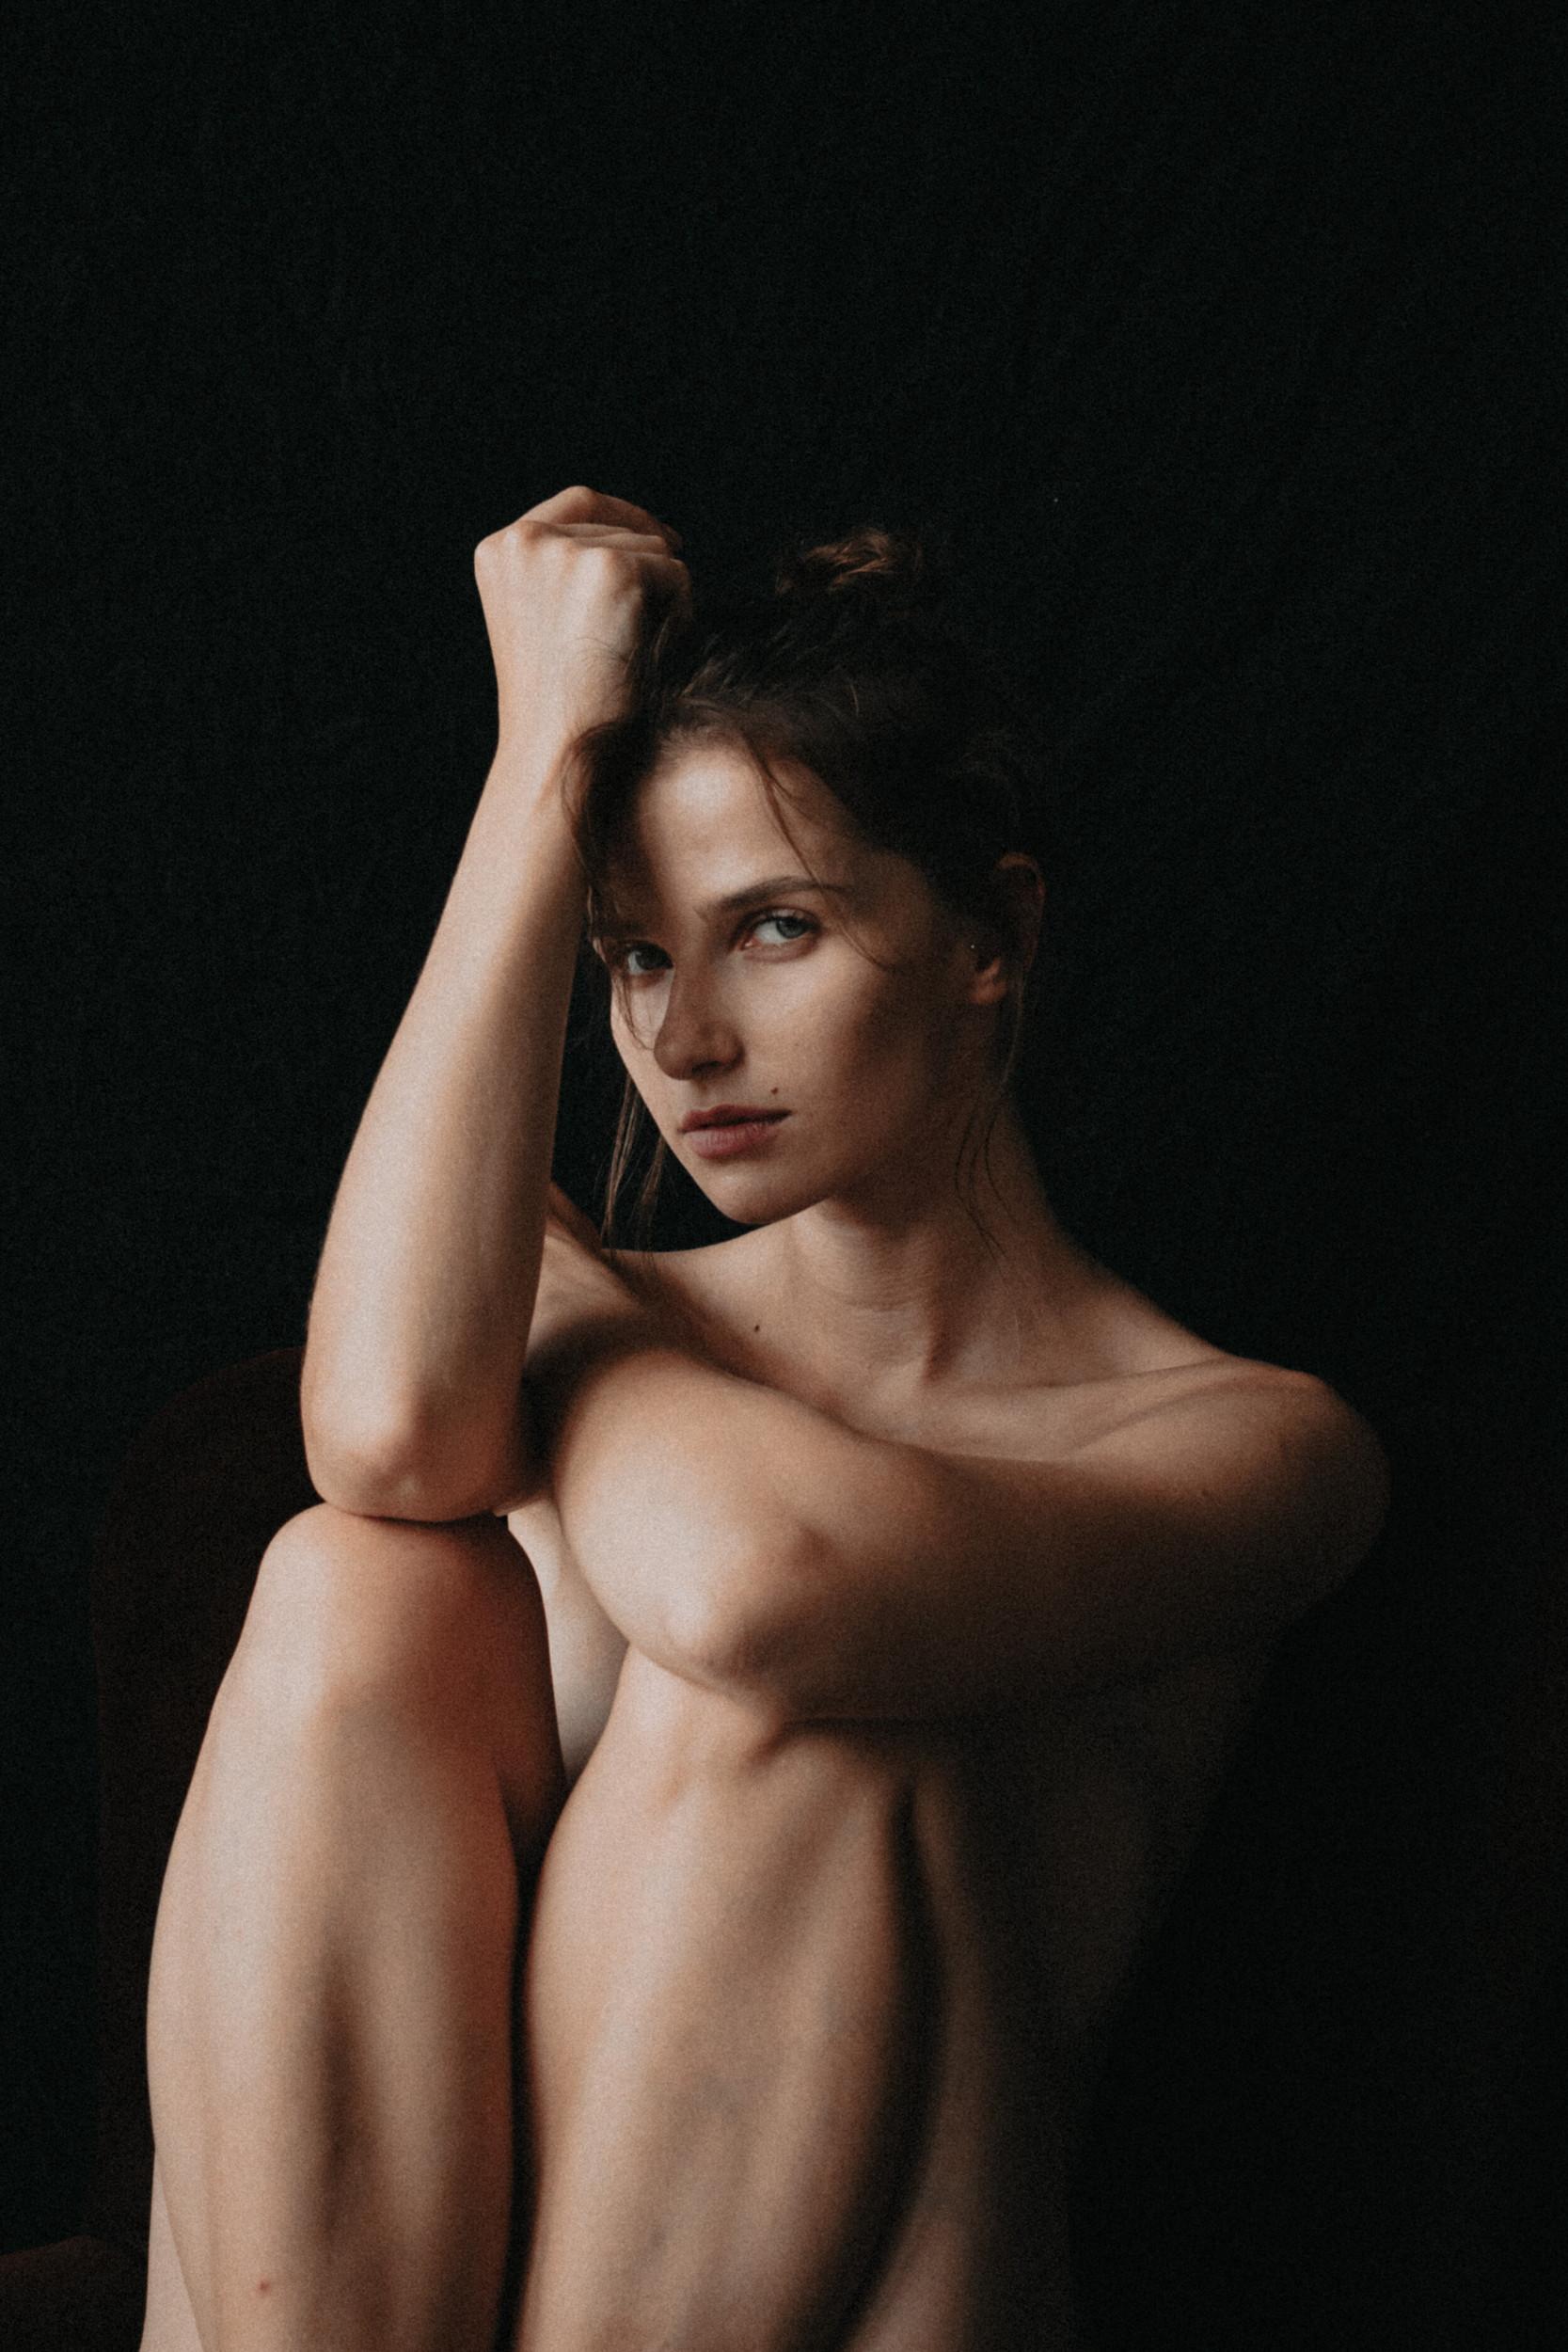 Joana nackt Morais Joana Morais